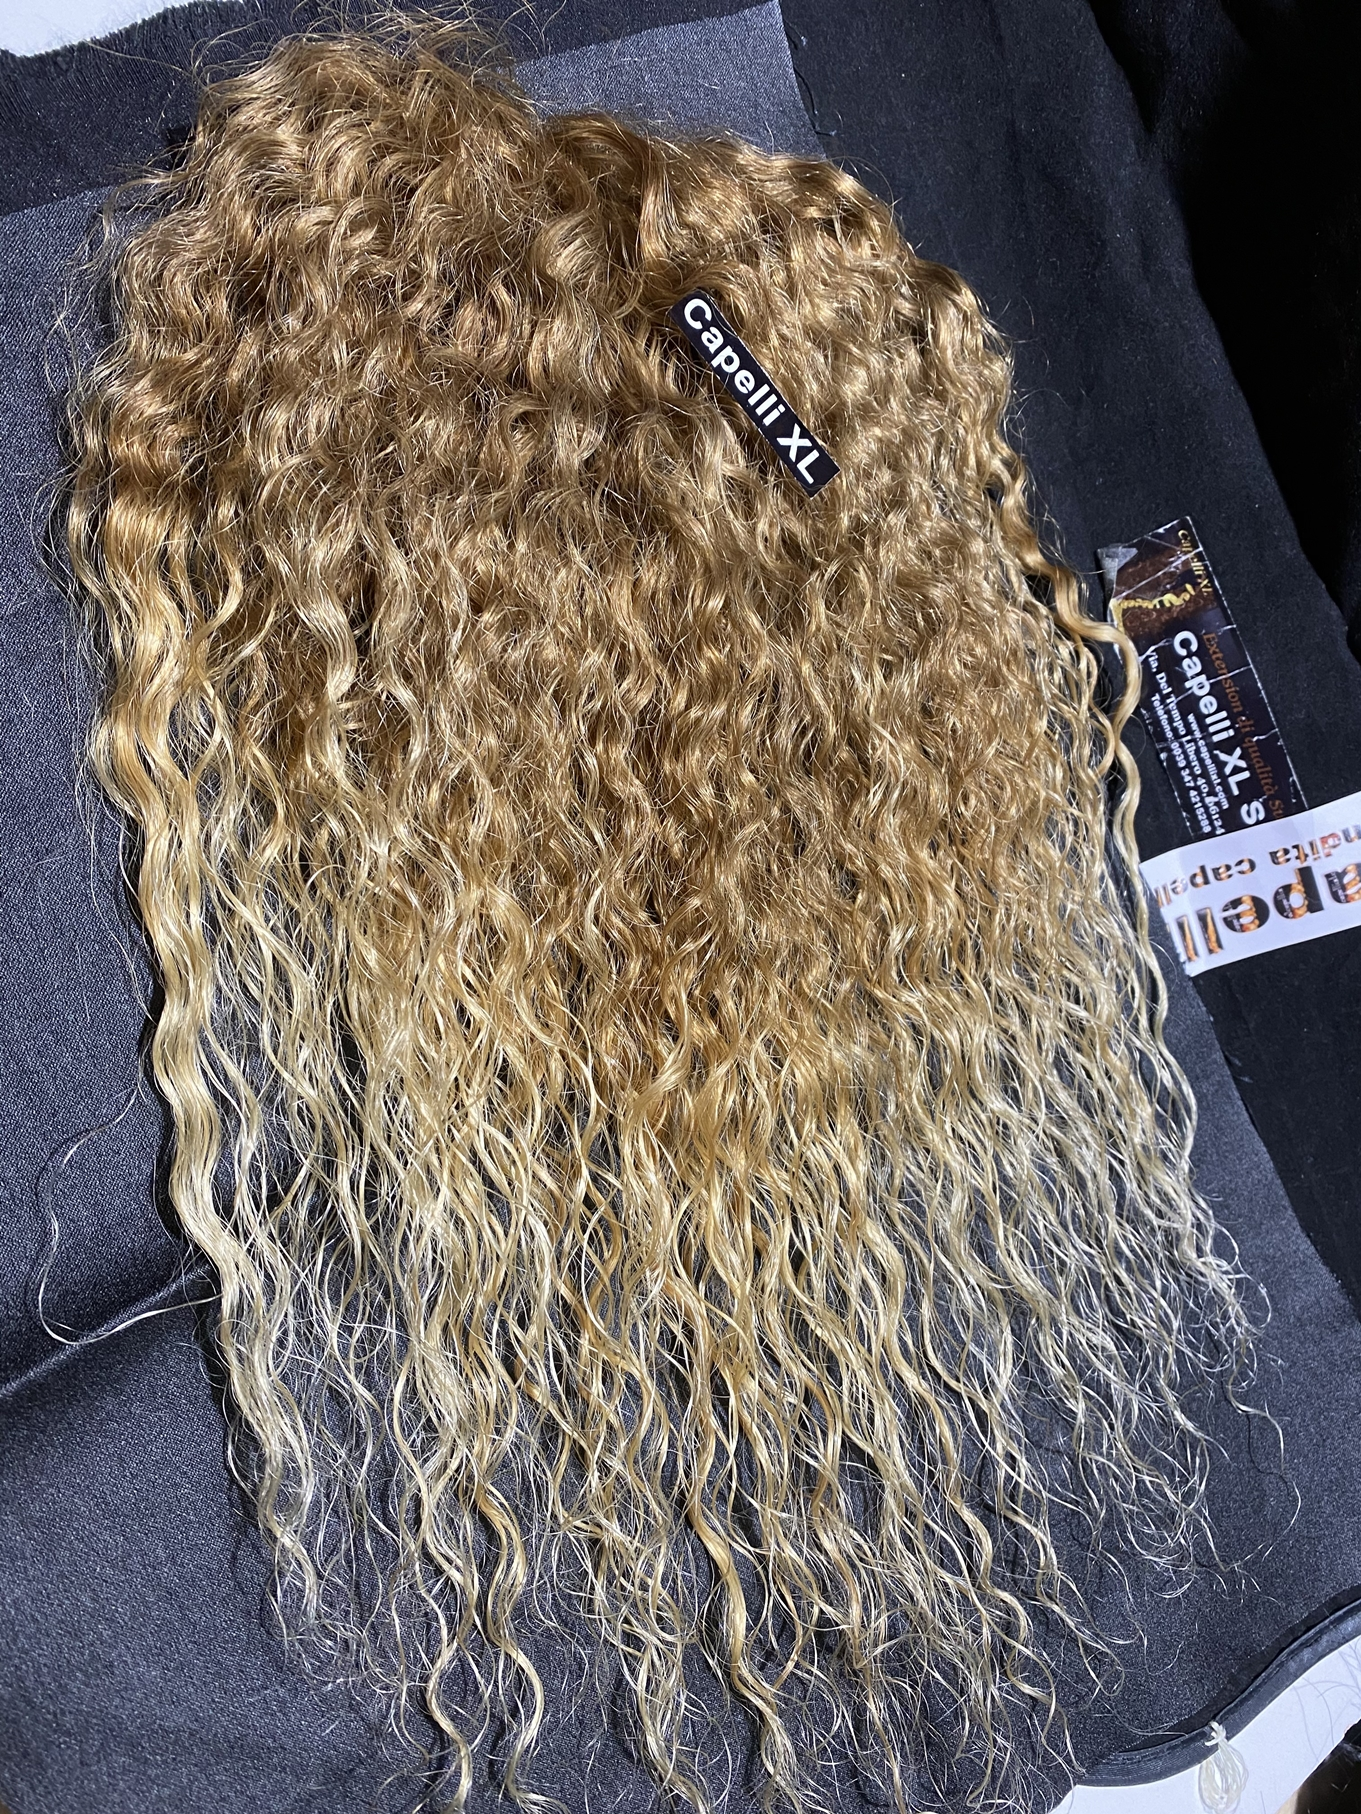 Chiusura Top closure di capelli veri remy piccolo toupet di capelli veri ricci colore sfumato